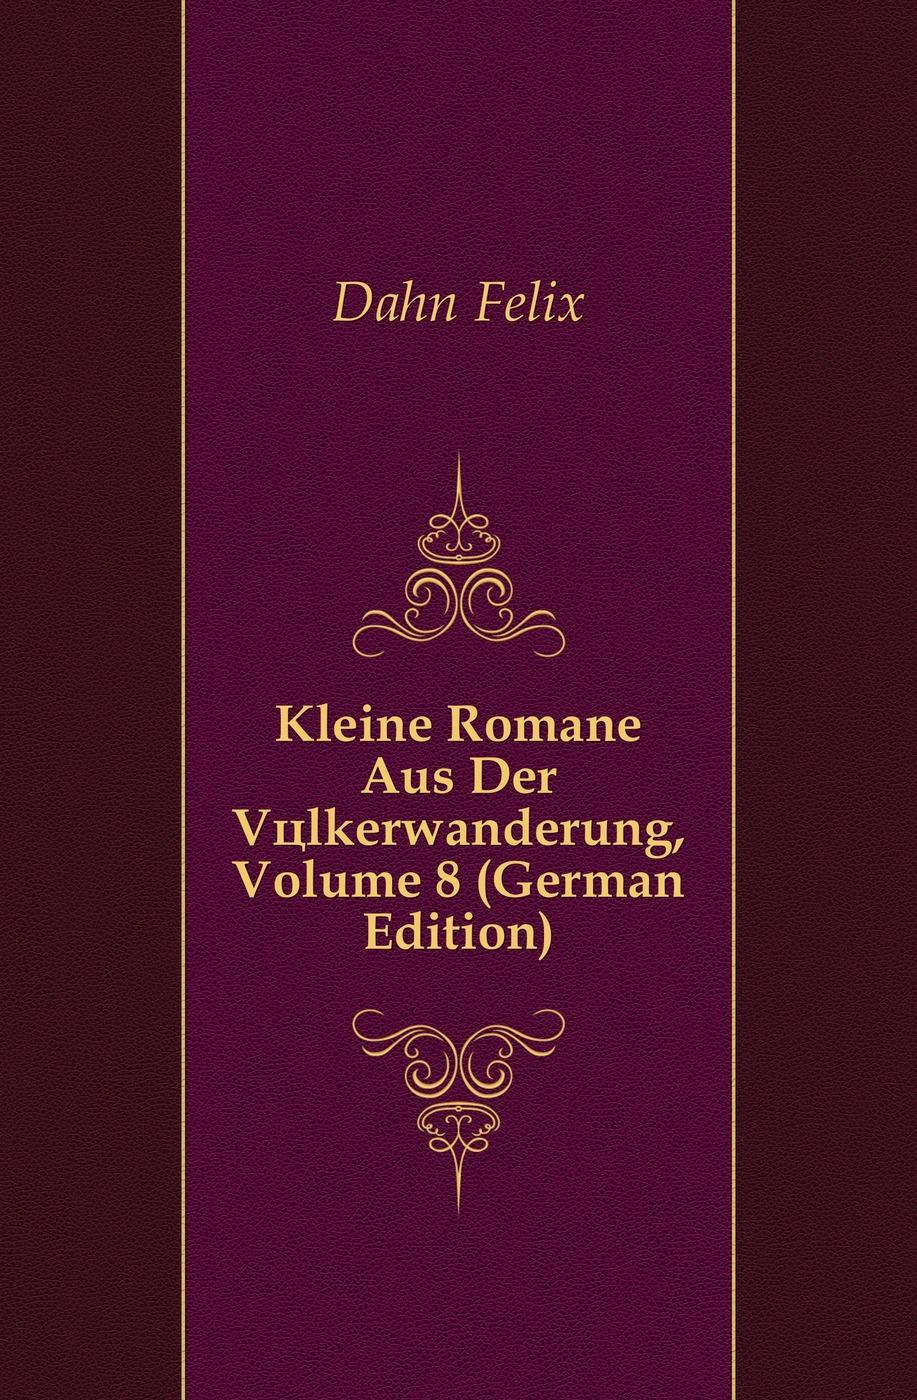 Dahn Felix Kleine Romane Aus Der Volkerwanderung, Volume 8 (German Edition)